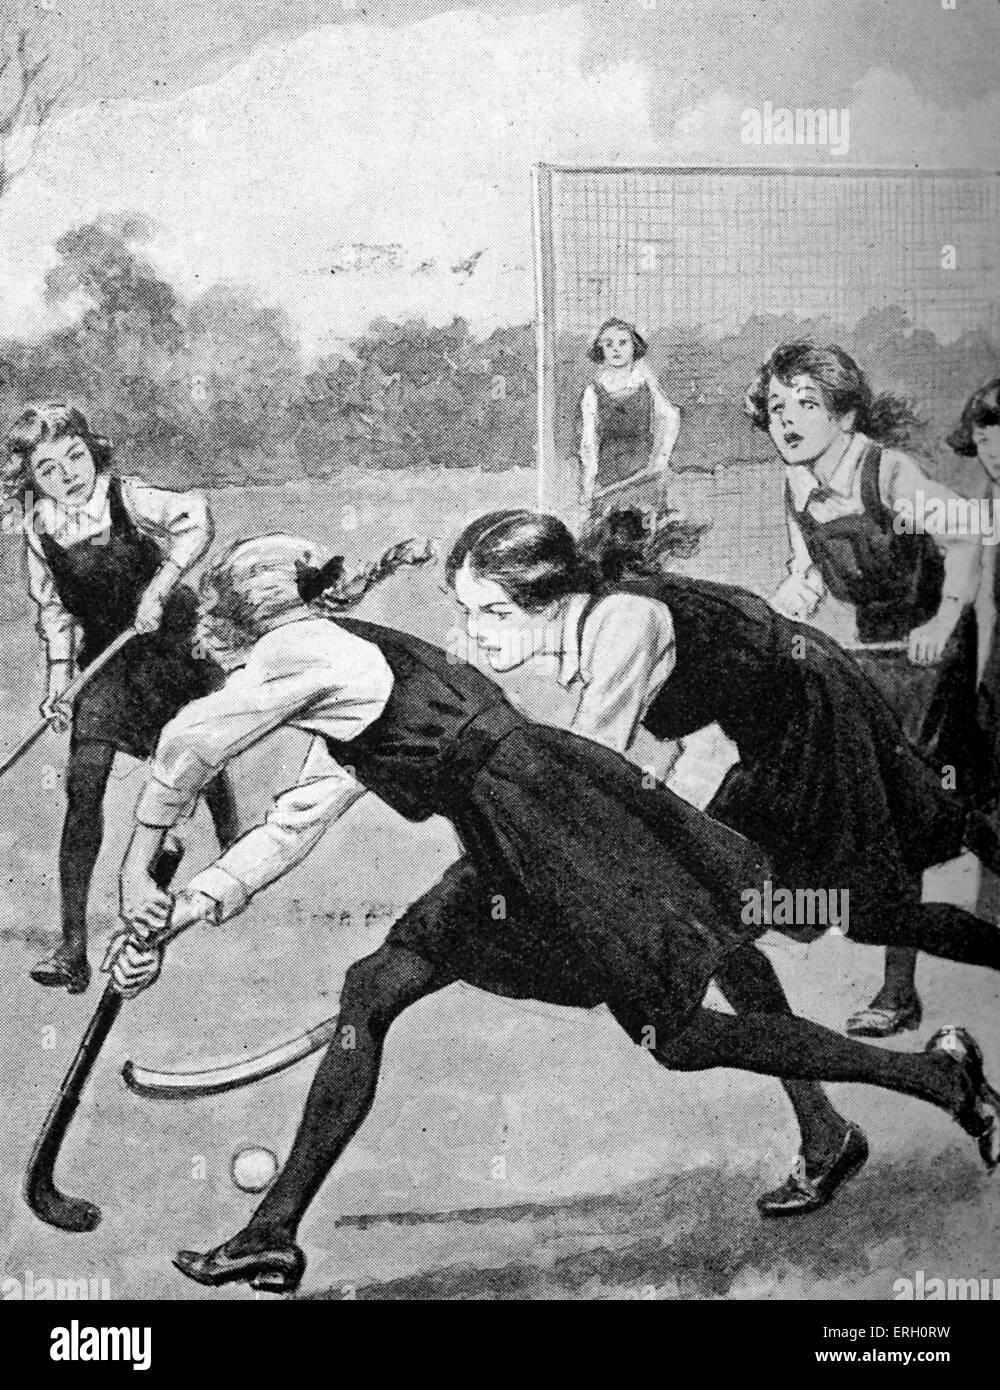 El Hockey Match - desde Betsy-go-lucky- de la cuarta, por Jessie Leckie Herbertson, 1923. Imagen De Stock